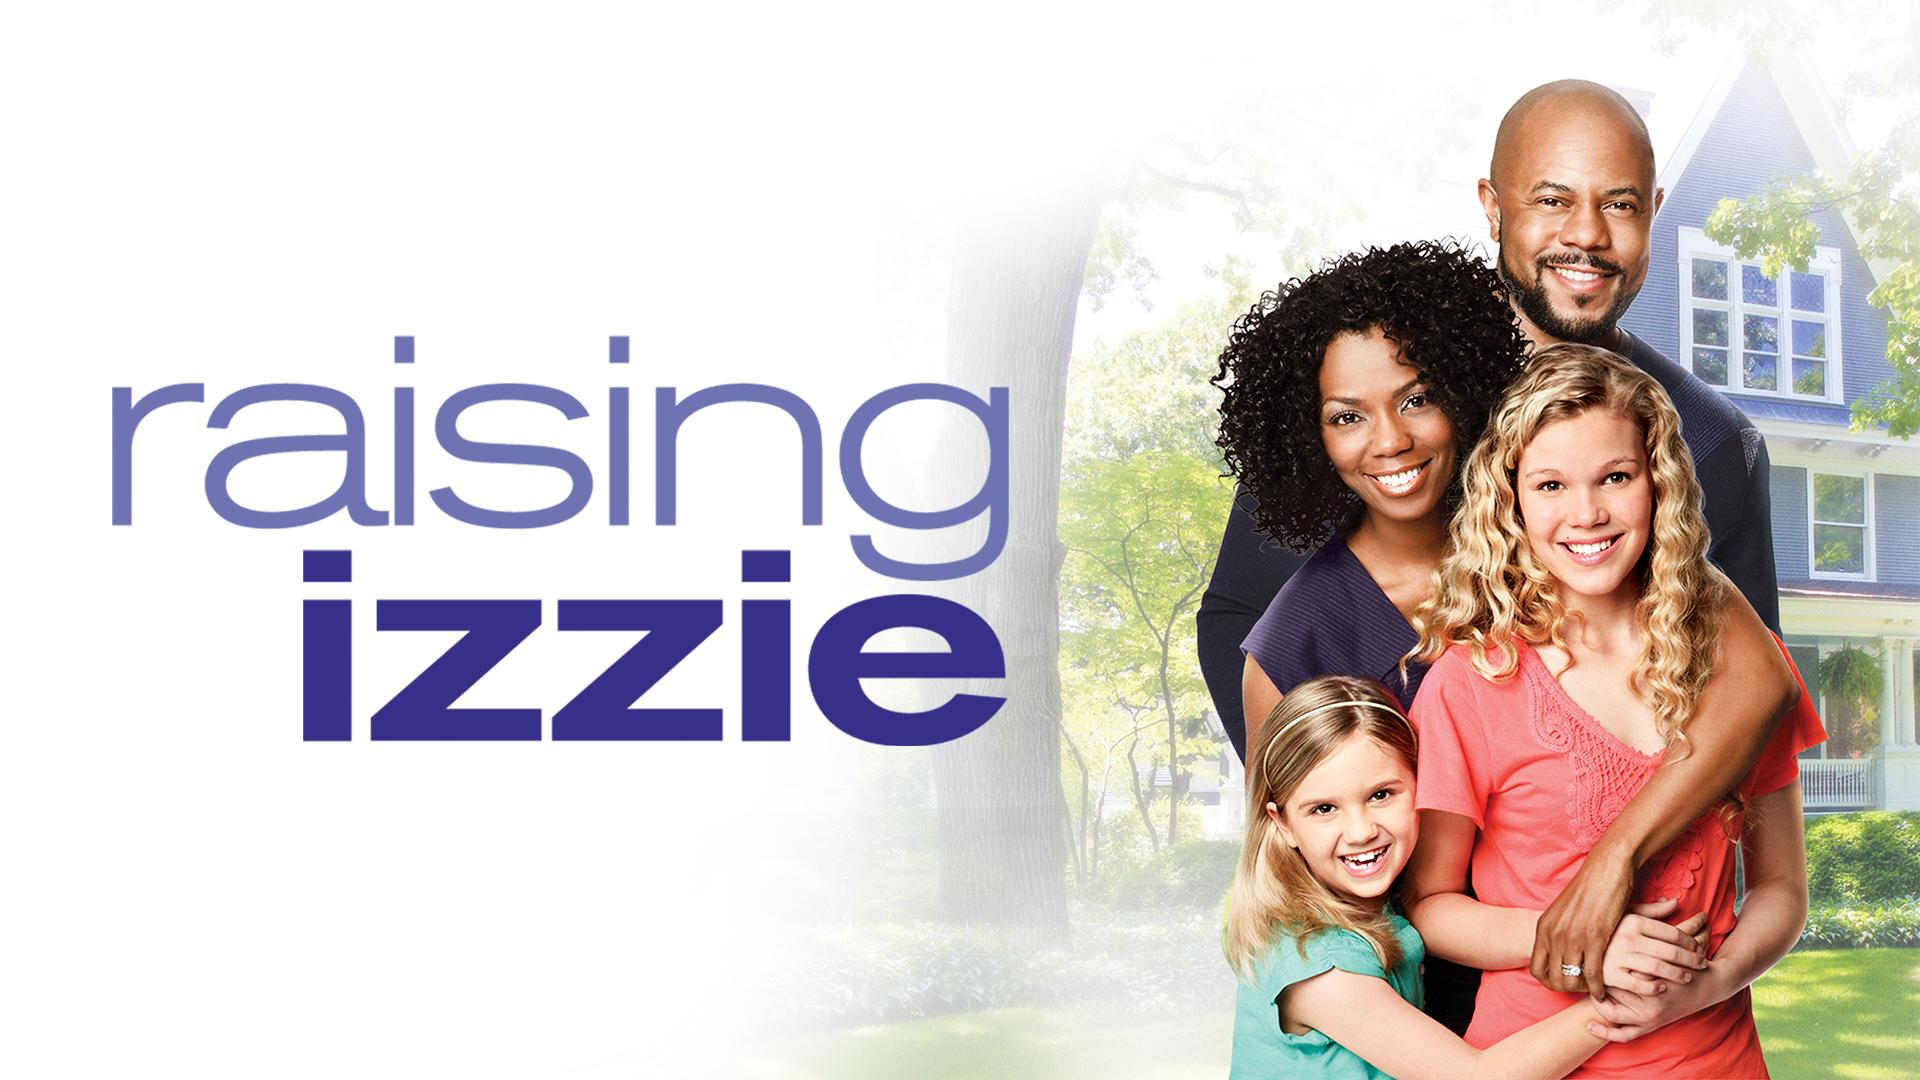 raising-izzie